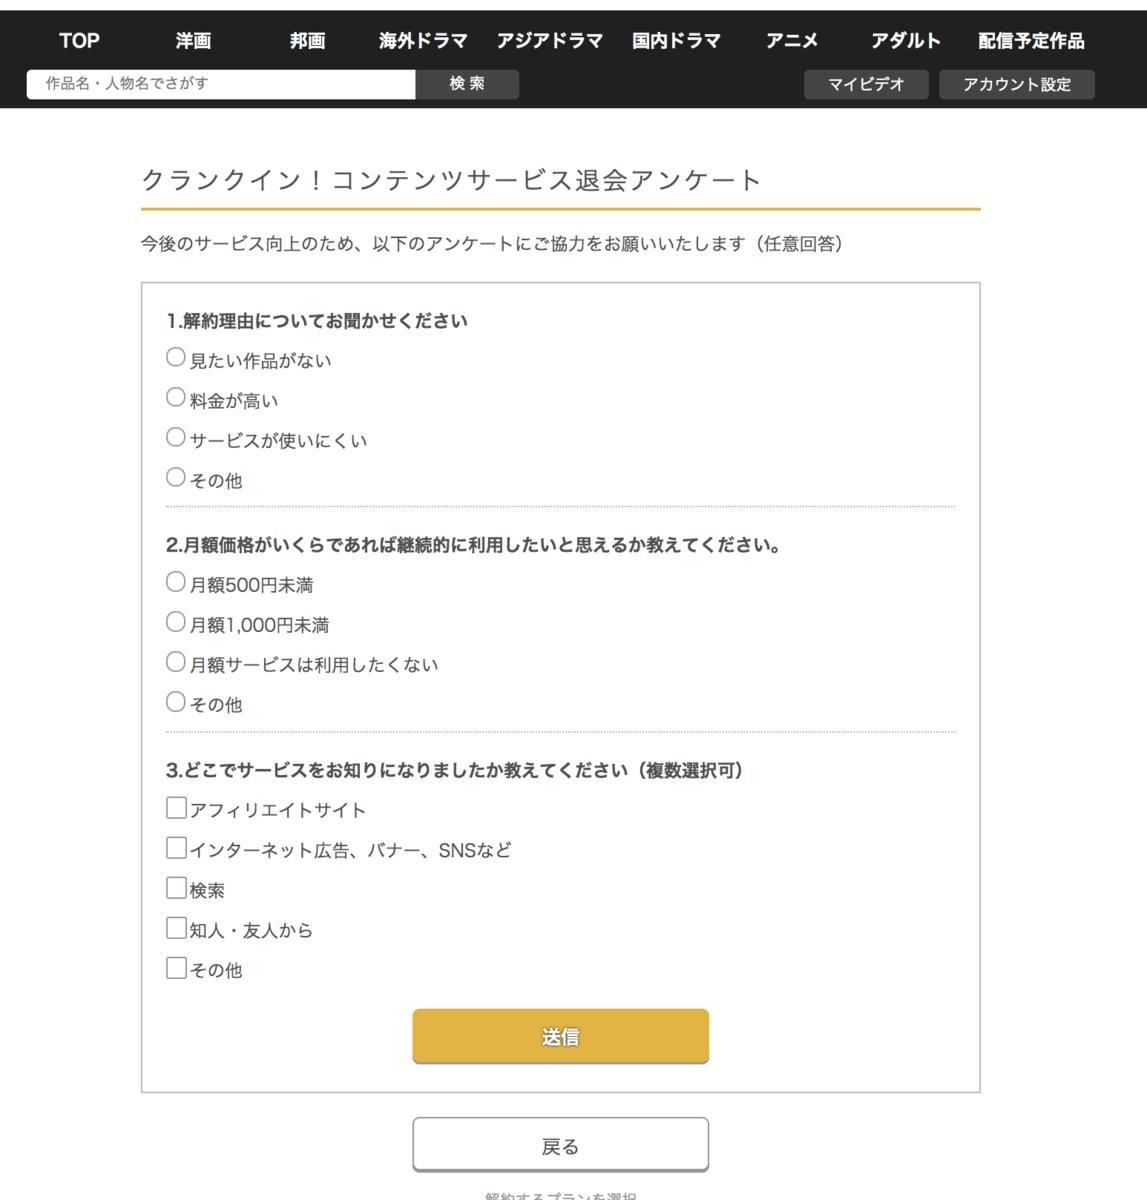 クランクインビデオ 退会アンケートページ